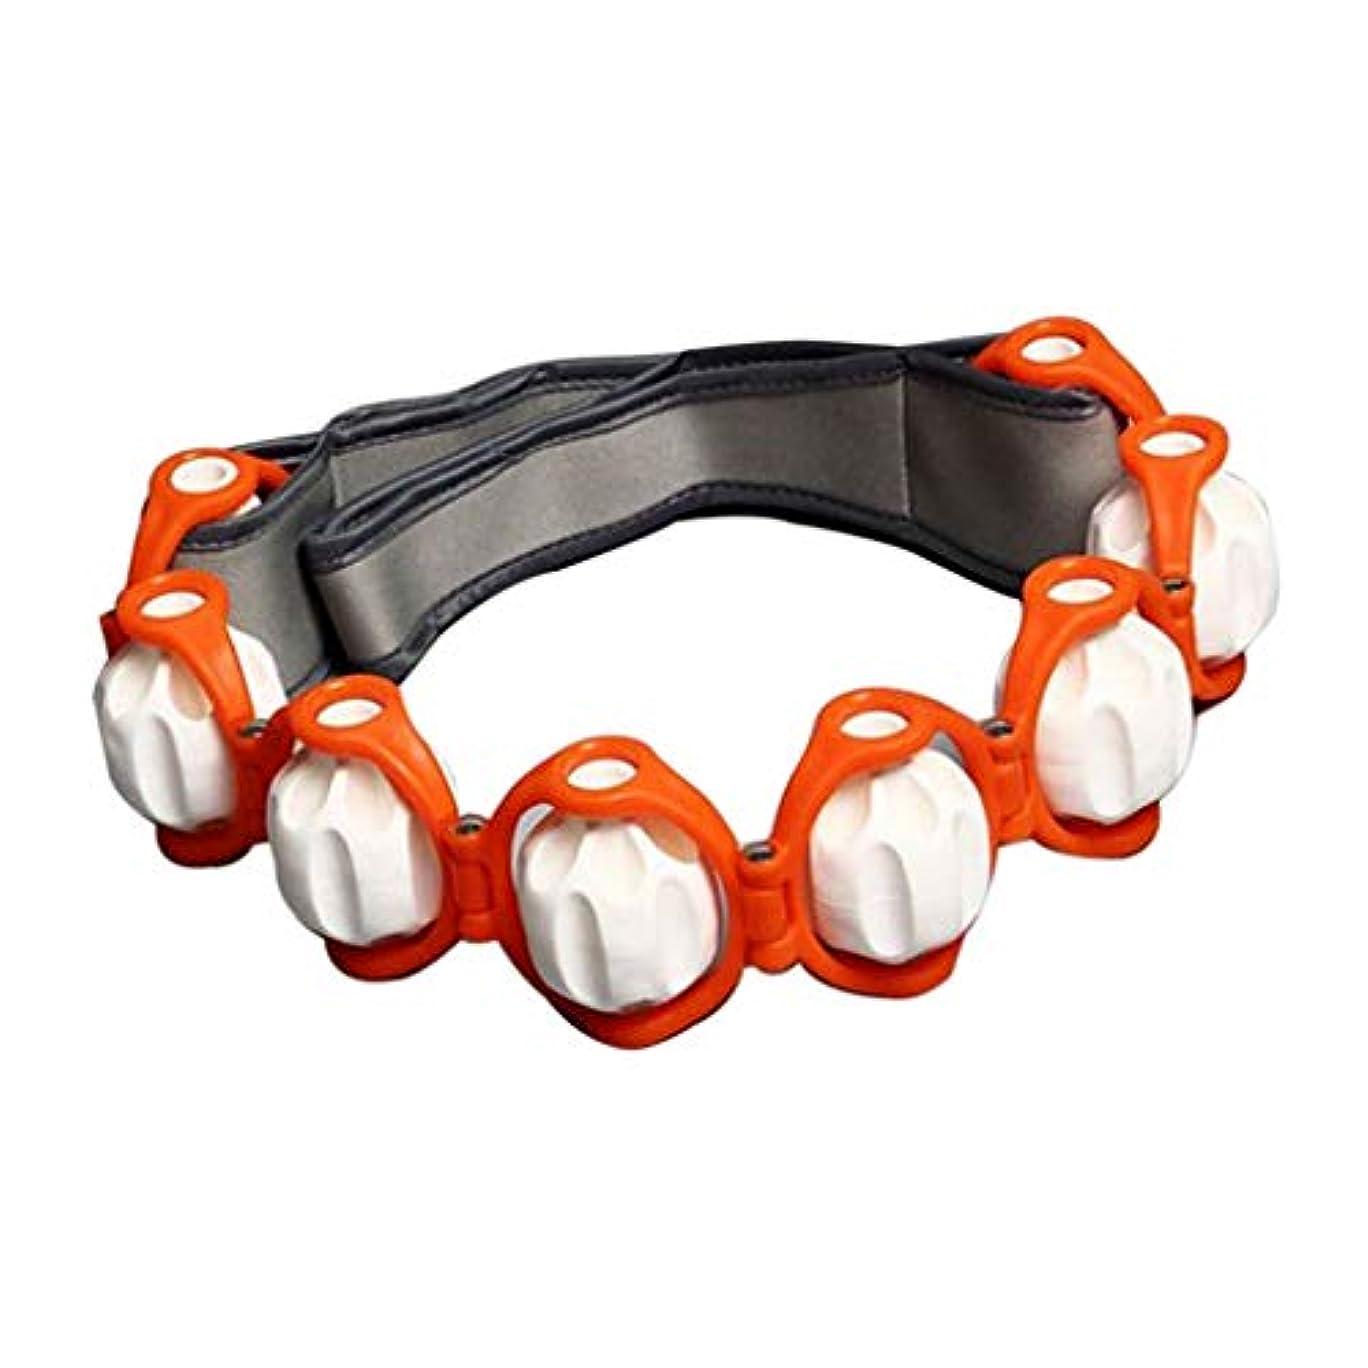 誓約コンピューター難民マッサージローラー ロープ付き ツボ押し ボディマッサージ 筋肉マッサージ 4色選べ - オレンジ